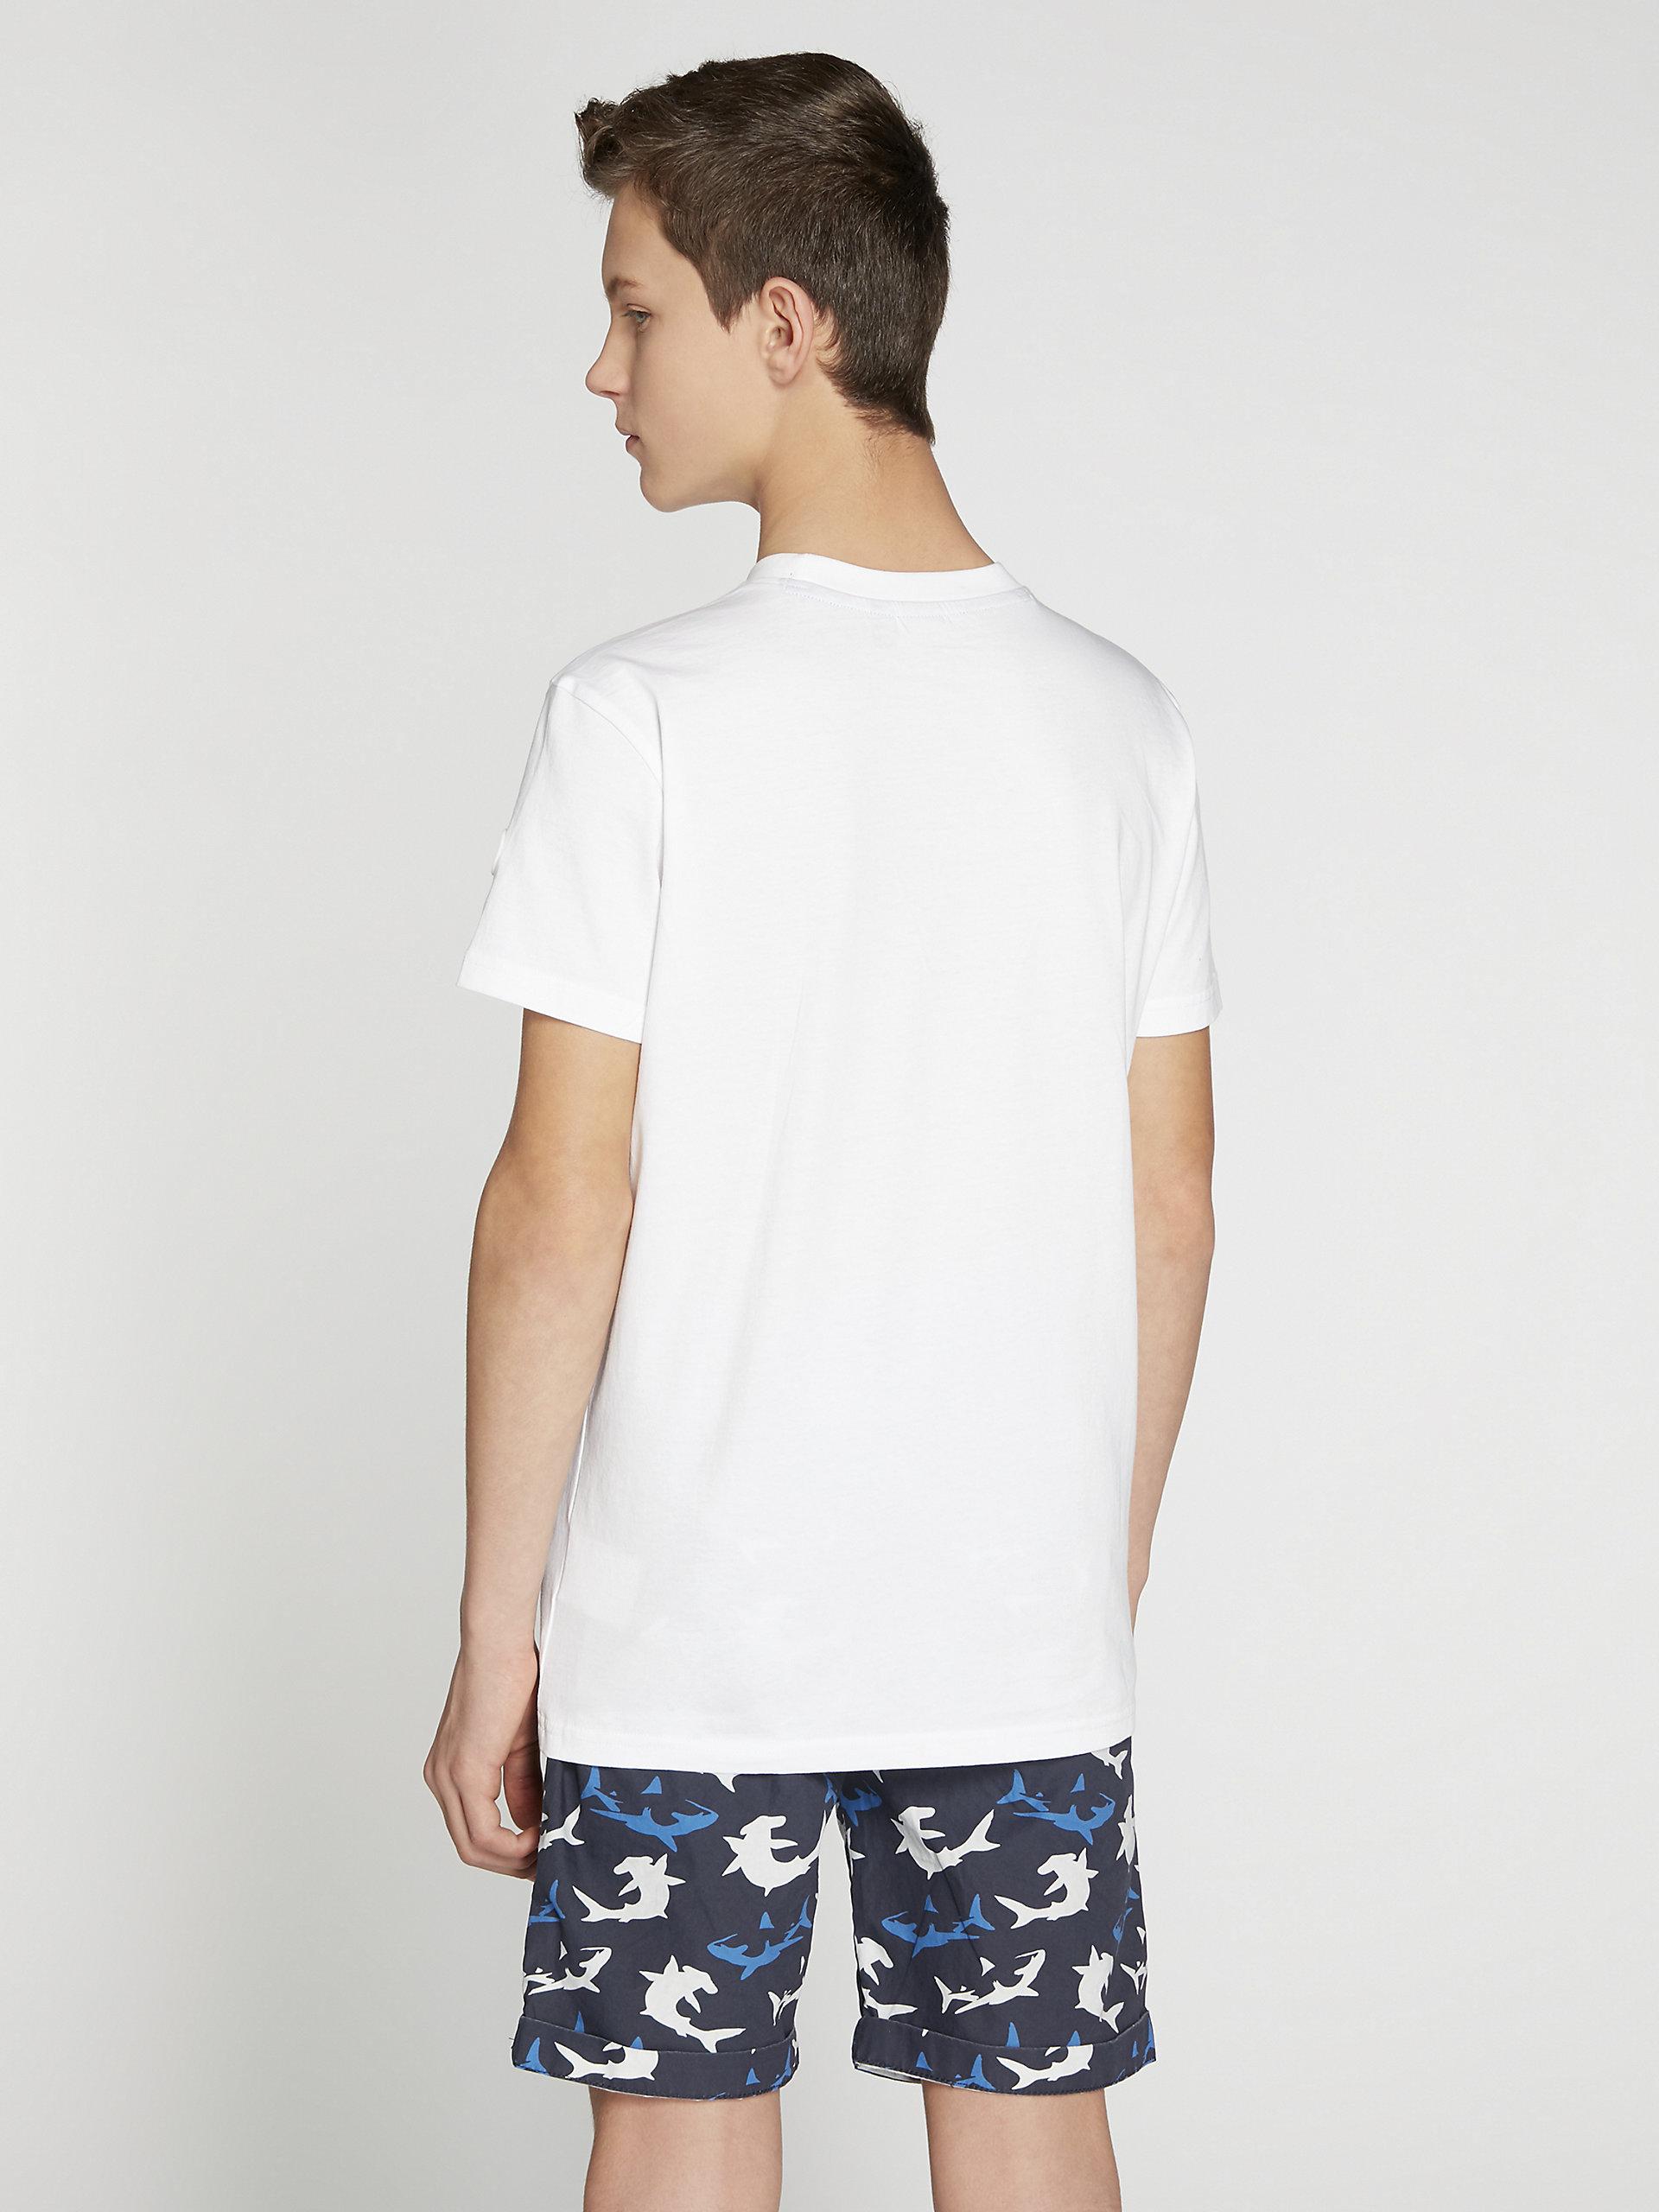 Ns-T-Shirt-T794526 miniatura 6